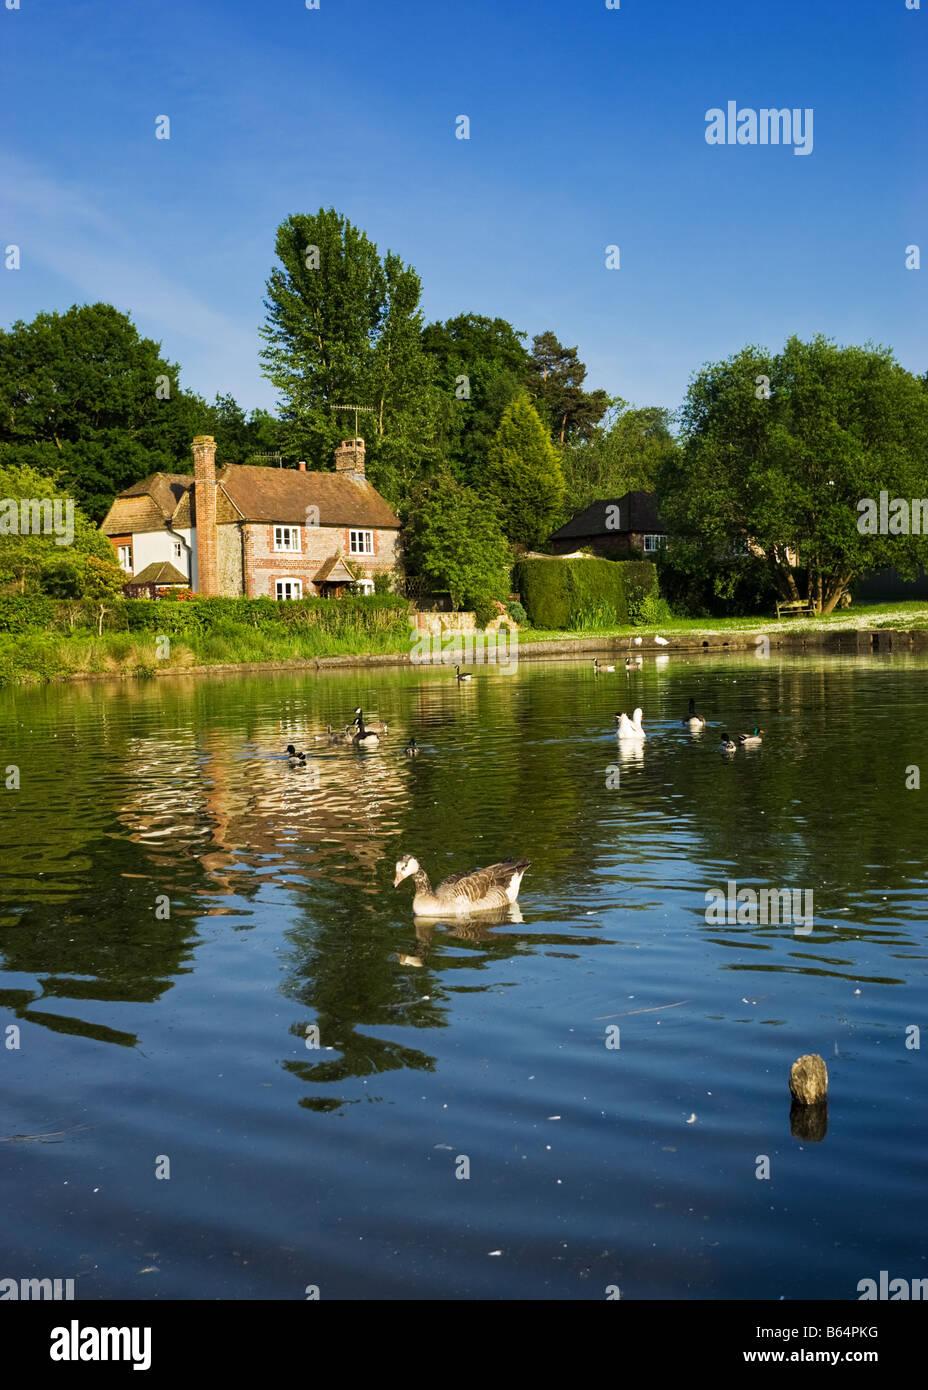 Ferienhaus am Shottermill Teiche in der Nähe von Haslemere, Surrey, England, Vereinigtes Königreich mit Stockbild